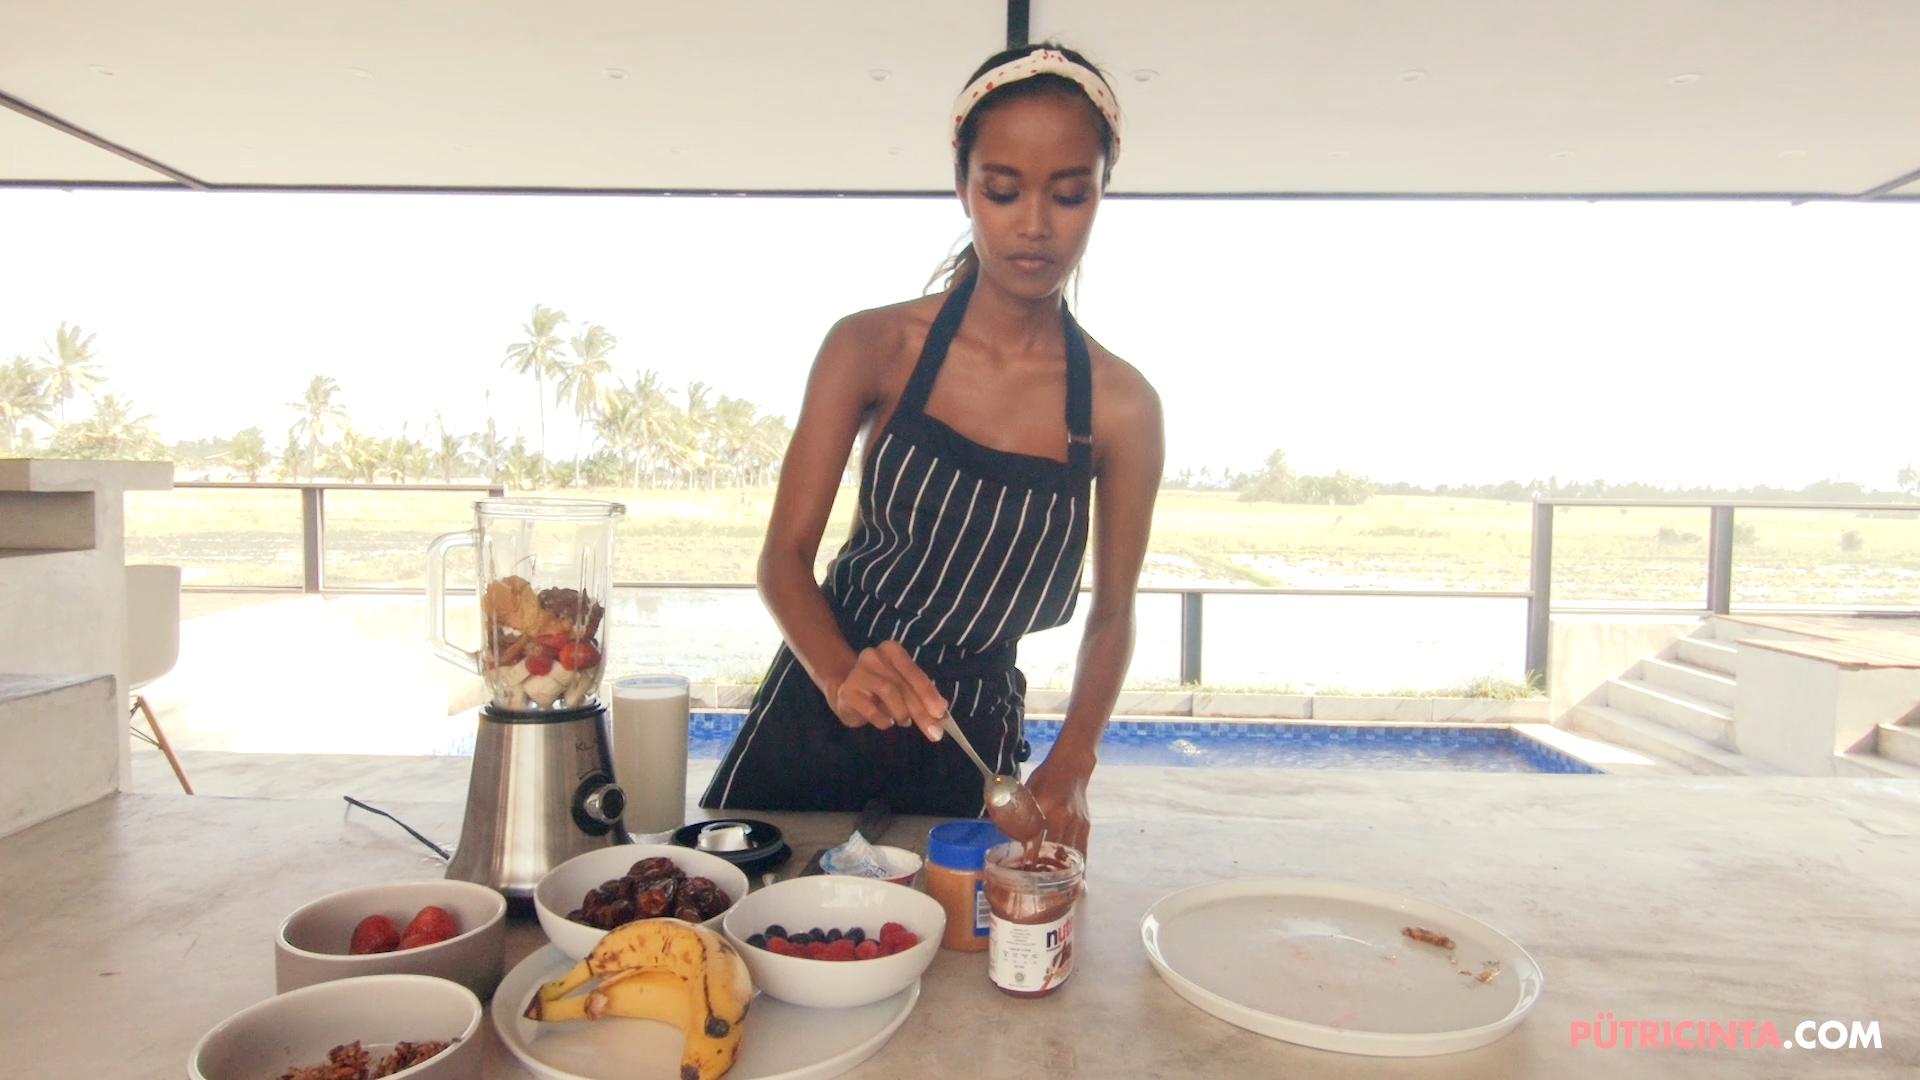 028-Putri-Cinta-Cooking-Class-bts-stills-19.jpg